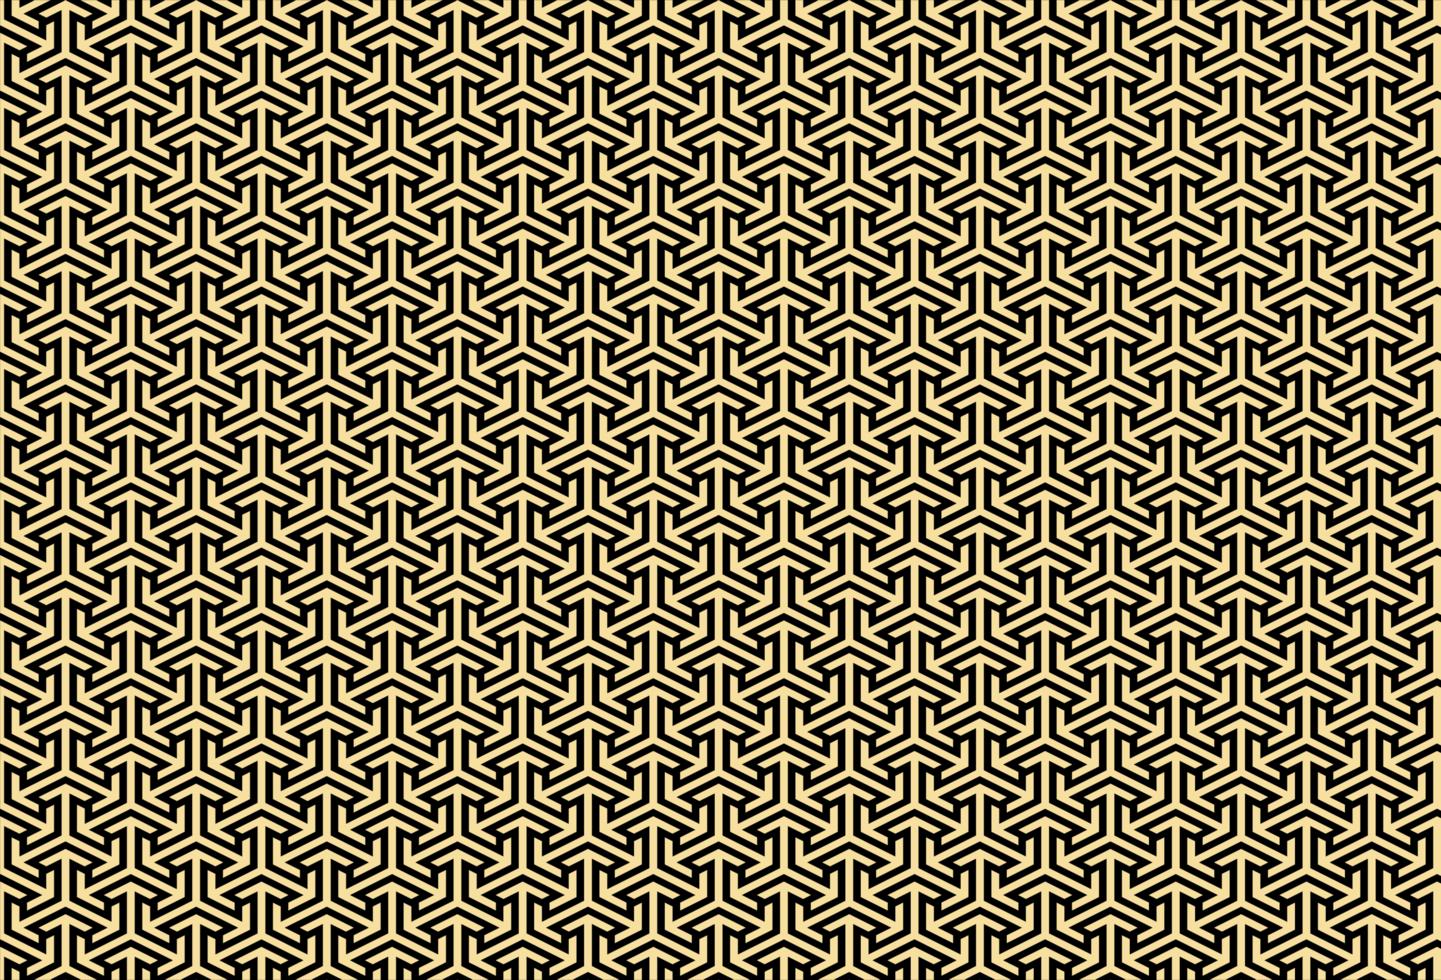 geometrisches Muster der goldenen Farbe vektor